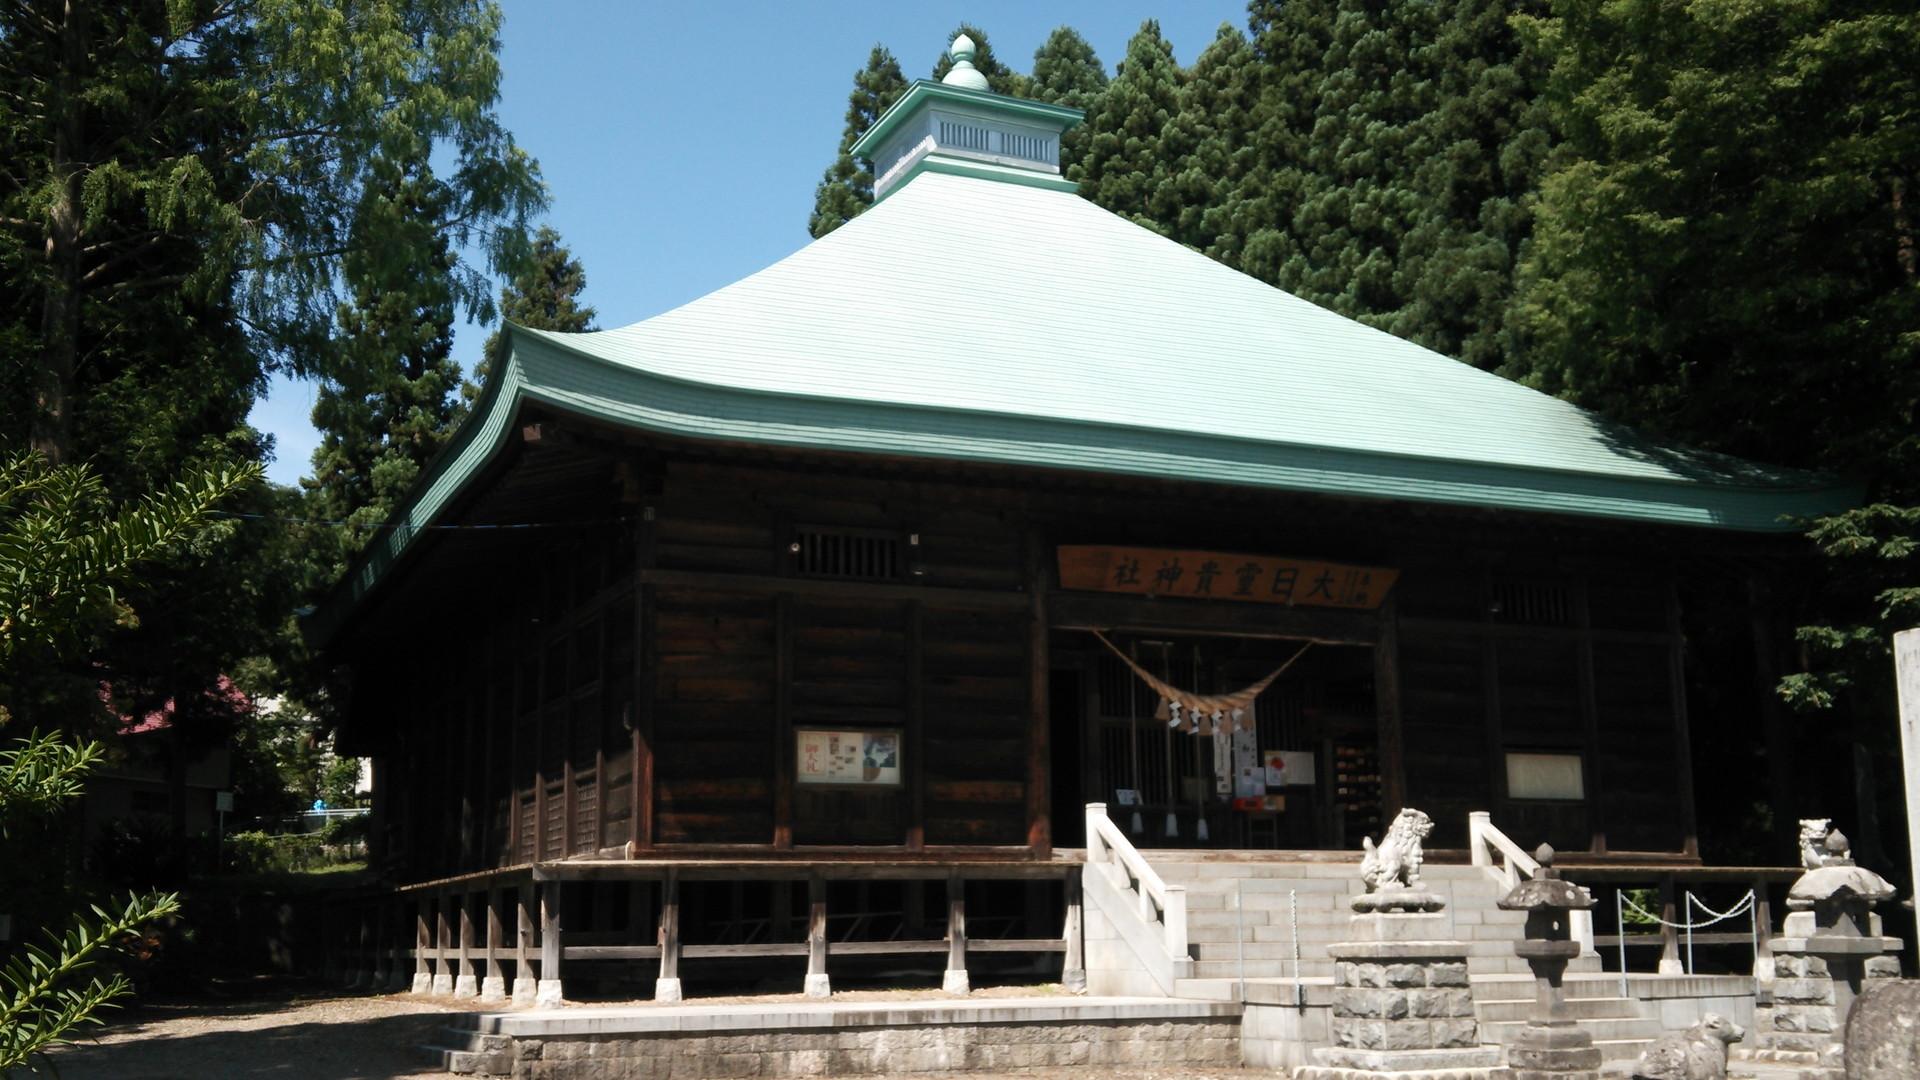 大日霊貴神社 十和田神社 / Oohirumemuchi & Towada shrine free images(フリー素材) サムネイル画像